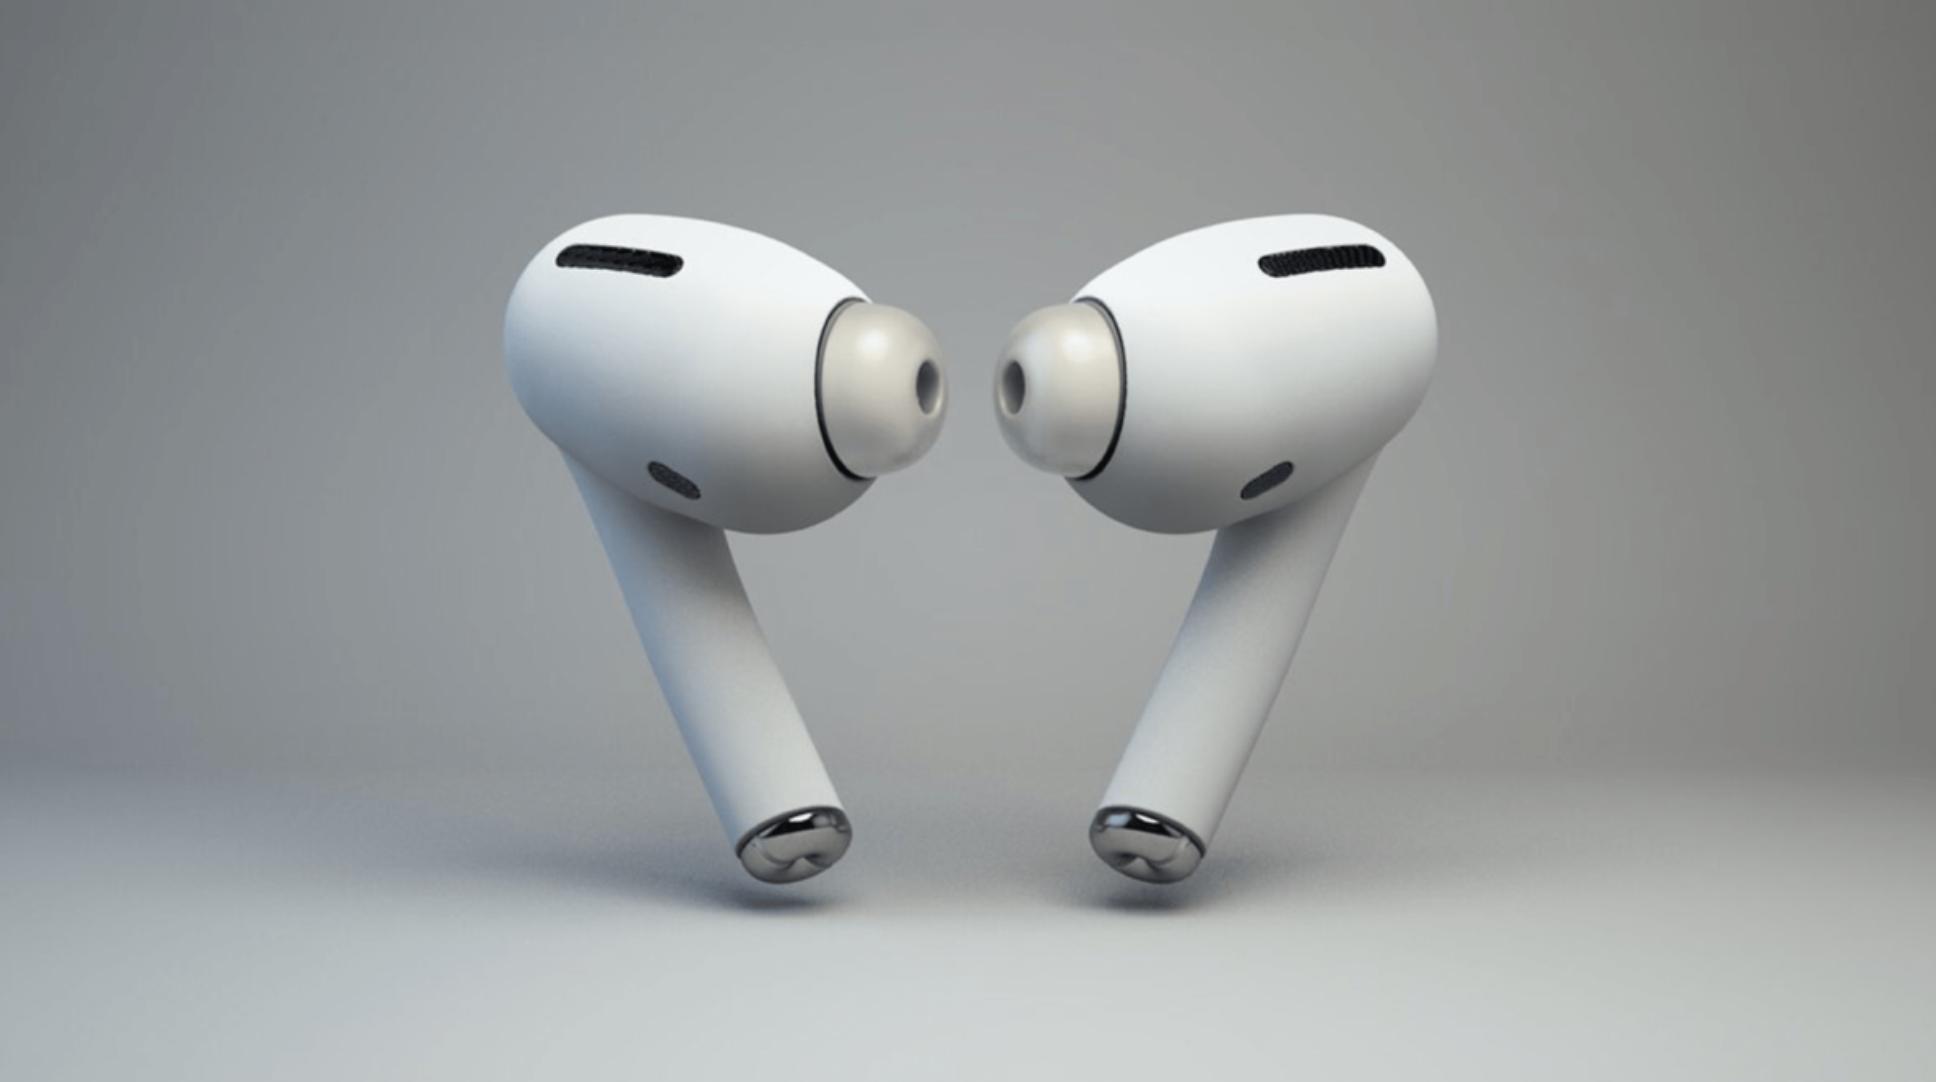 Új, zajszűrős Apple AirPods a láthatáron